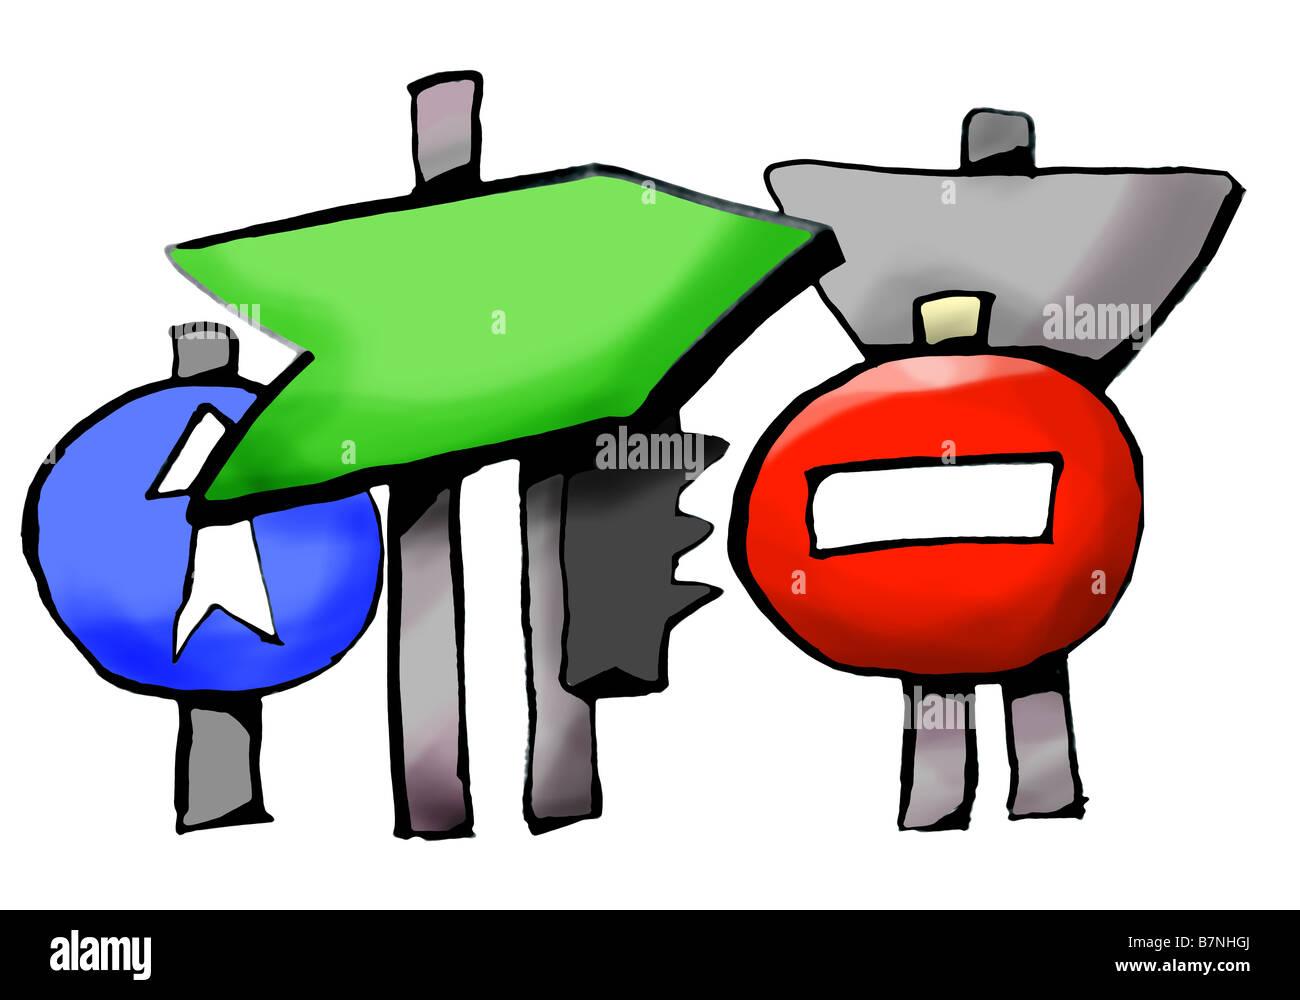 Découper illustration de panneaux de circulation Photo Stock